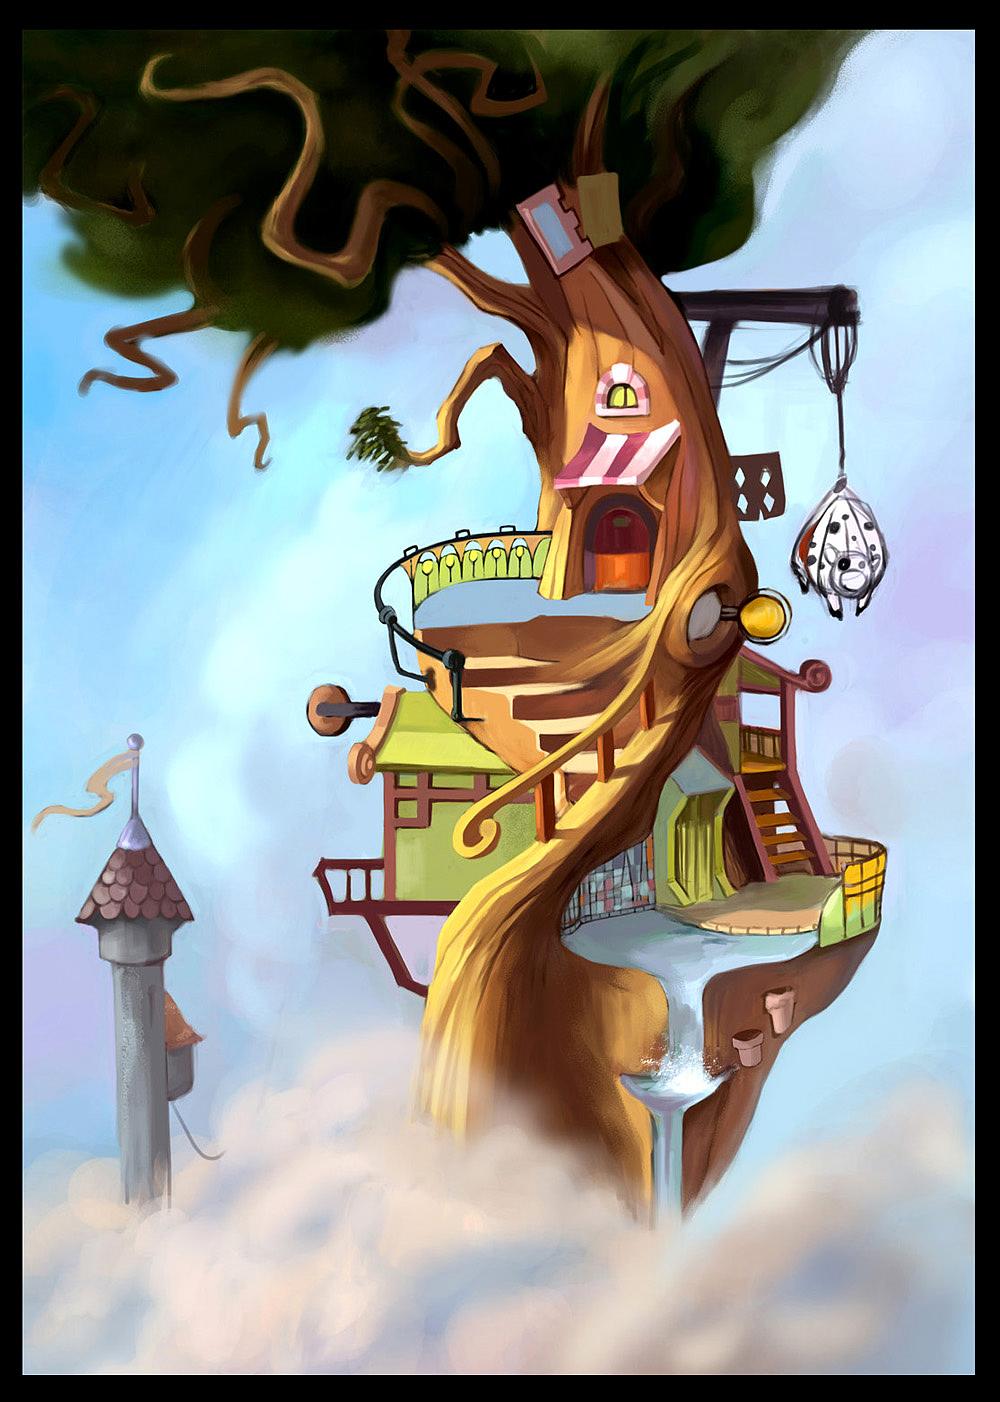 树上的房子图片